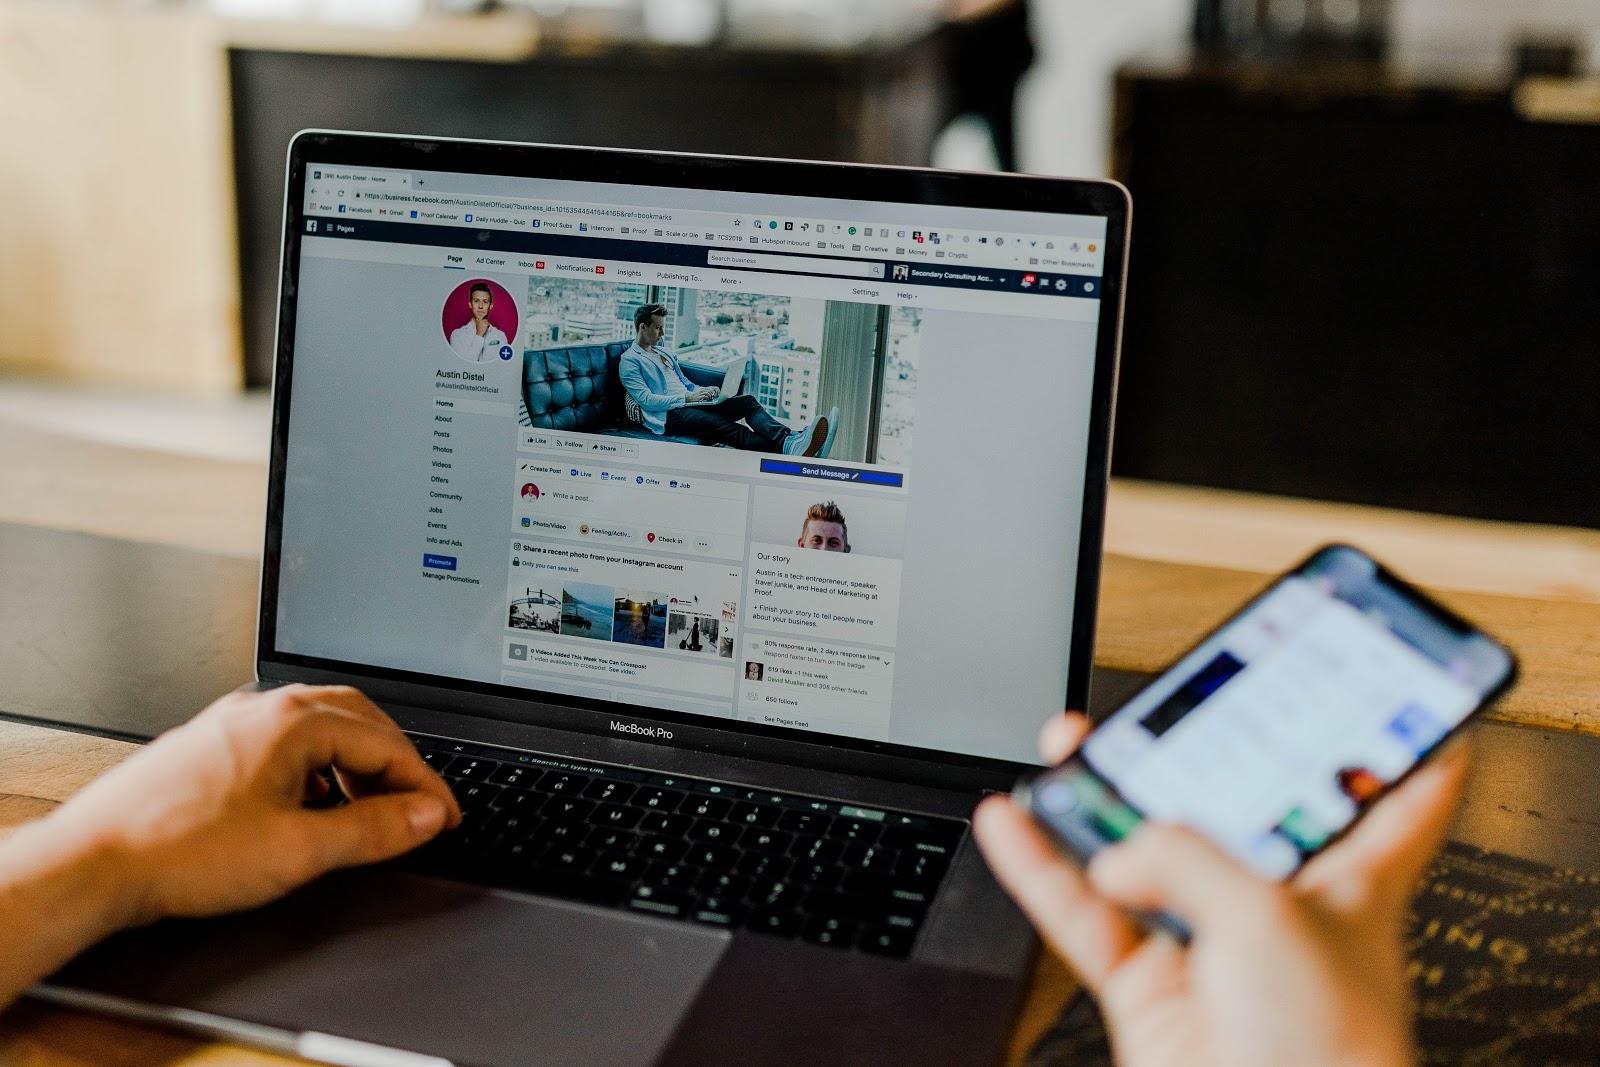 5 consigli per far crescere il pubblico del tuo podcast: 2. Promuovi il tuo podcast sui social media.